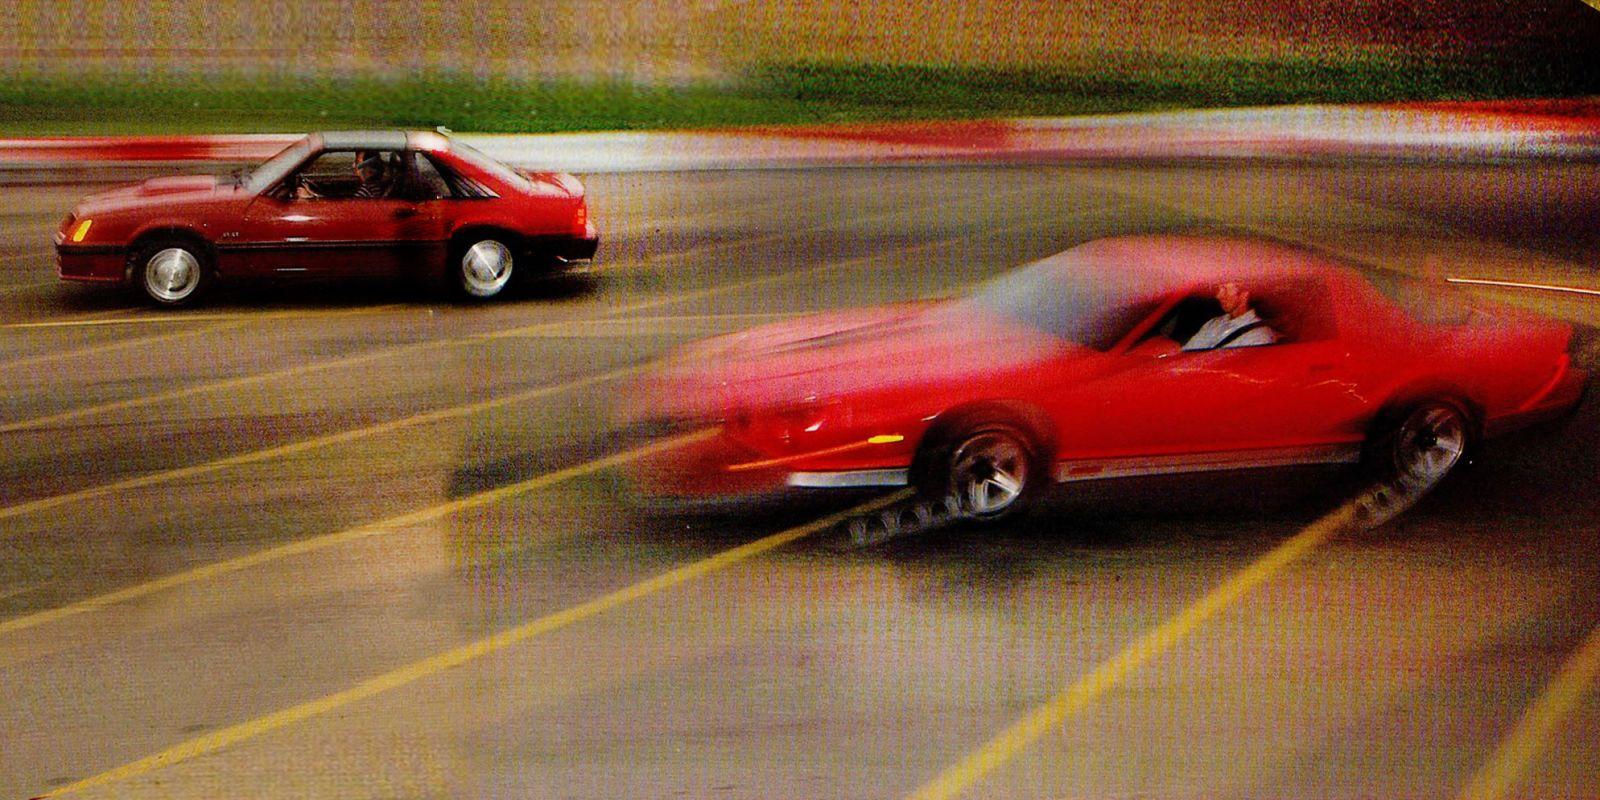 drive flashback 1982 chevrolet camaro z28 vs 1982 ford mustang gt rh roadandtrack com 82 Camaro Z28 1977 Camaro Z28